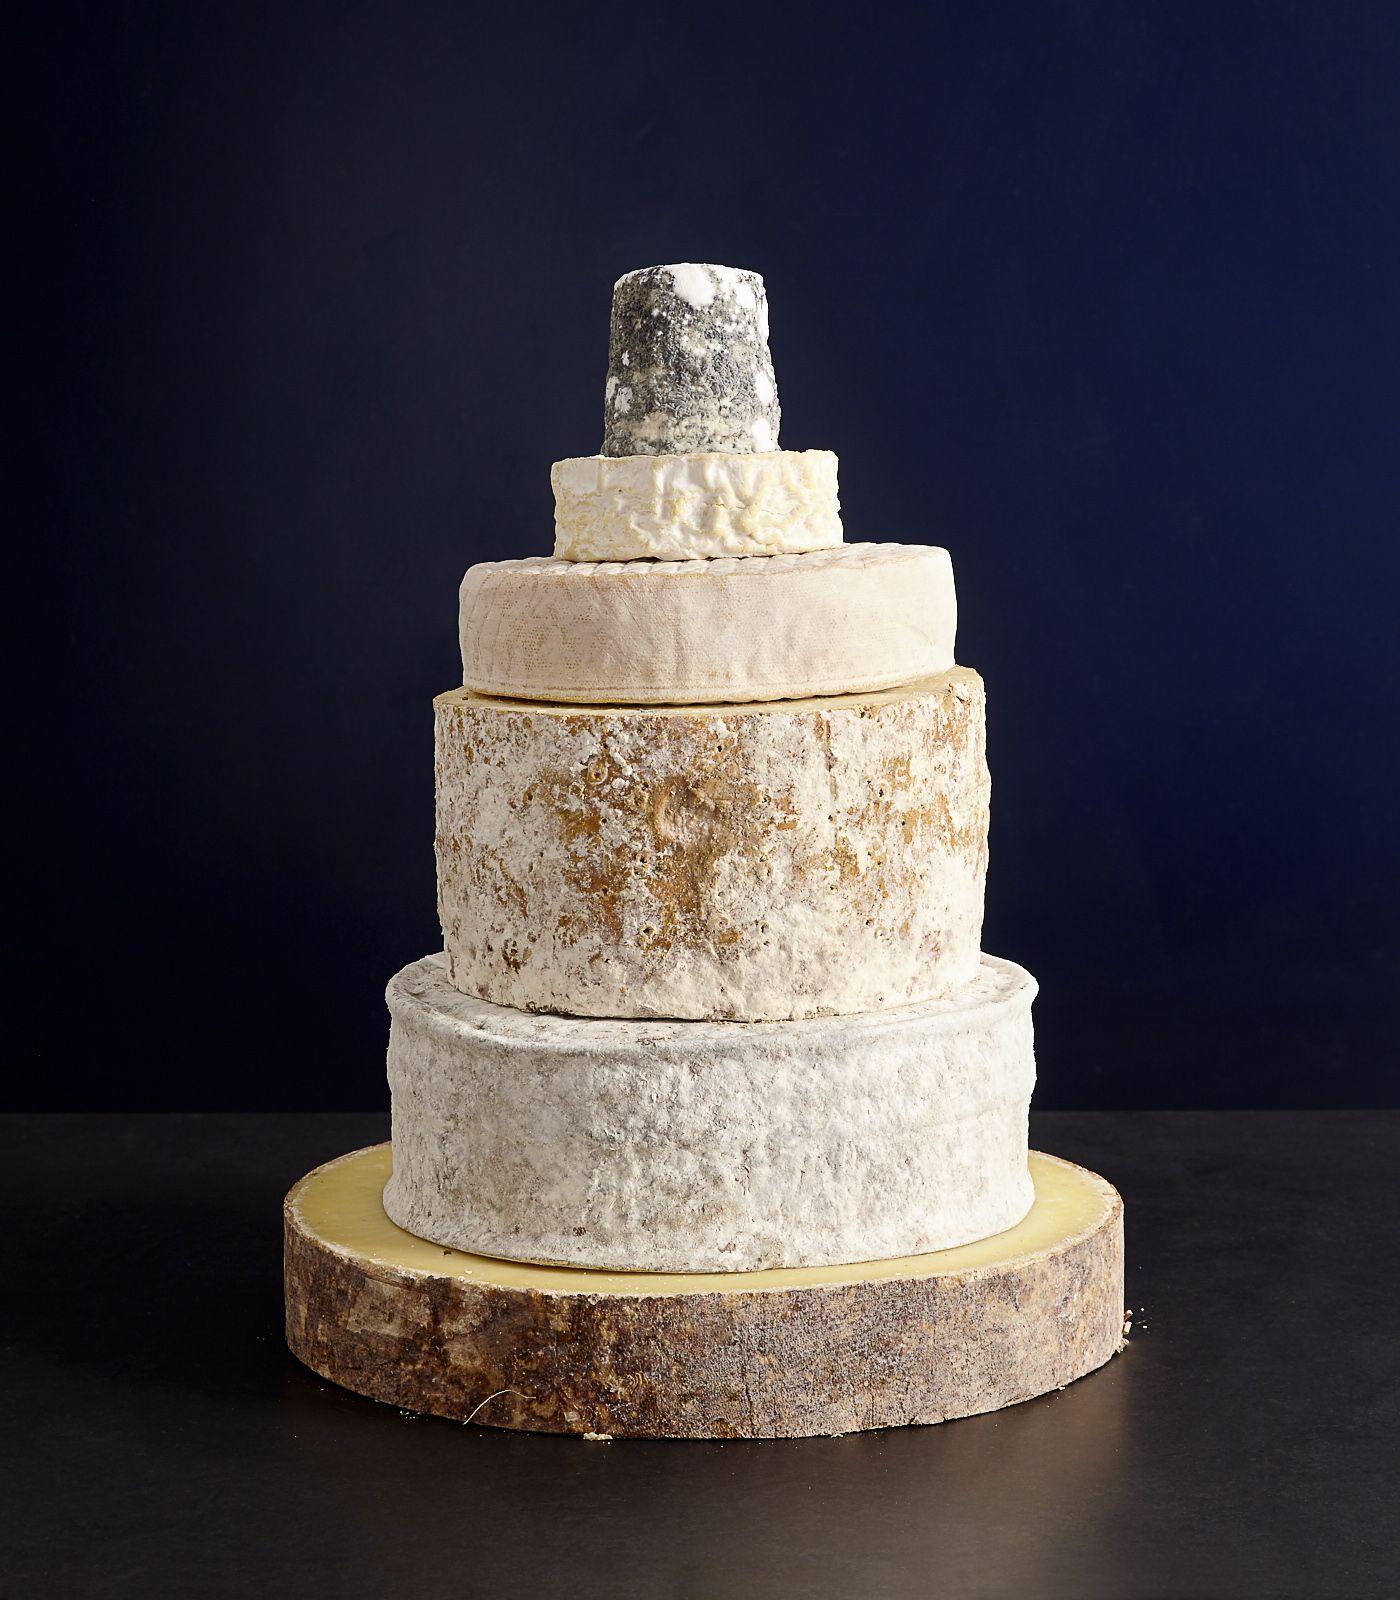 Celebration Cakes, Cake, Cake